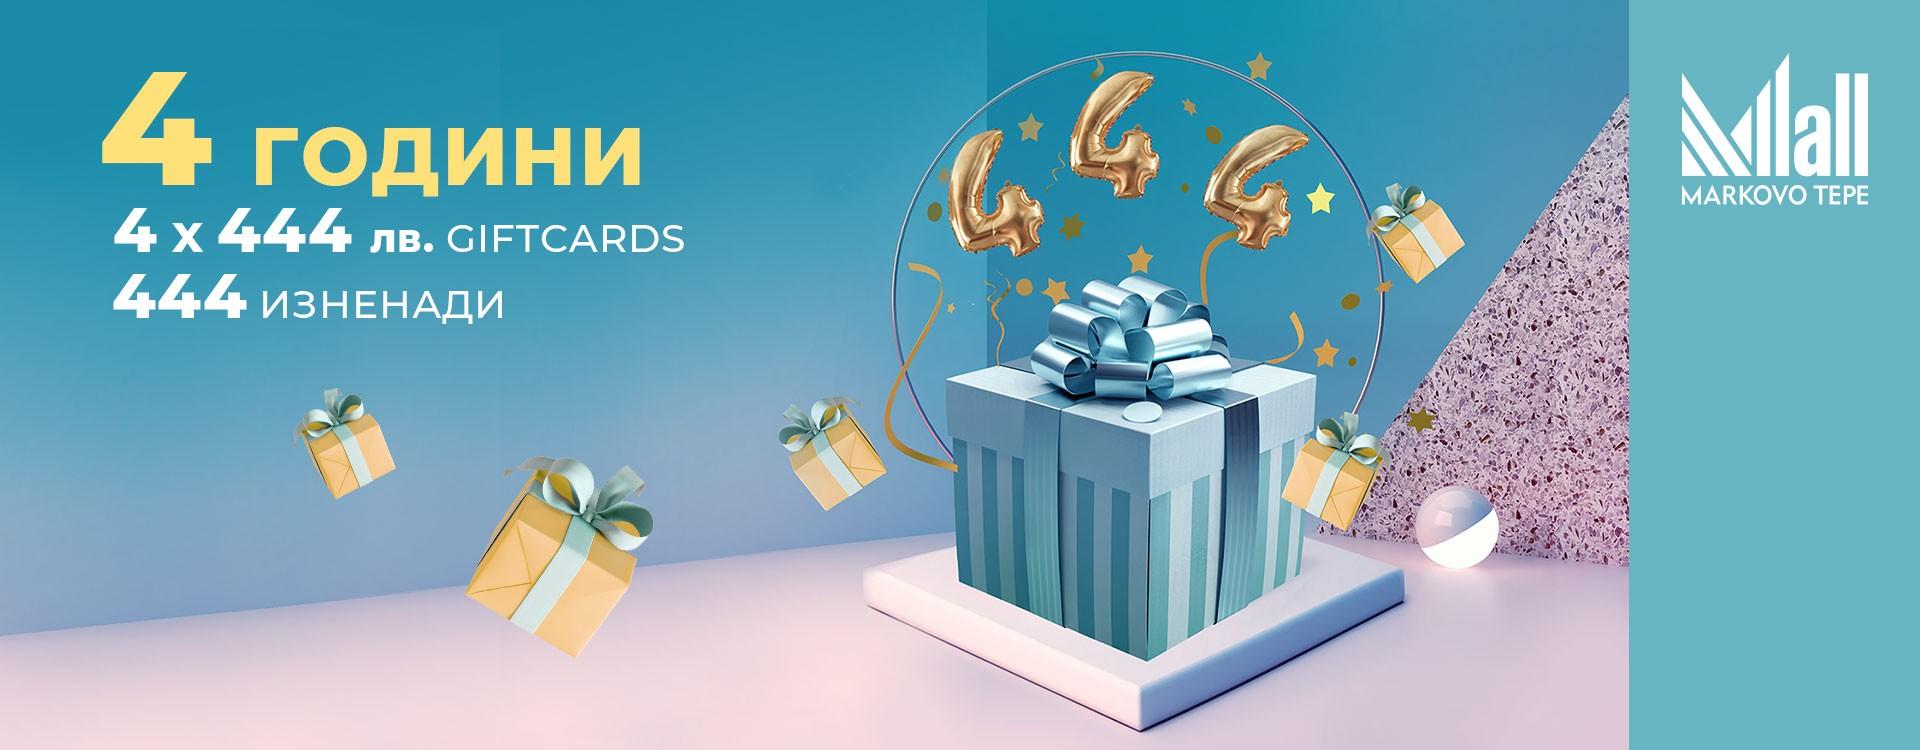 Събитие 4 години 444 награди